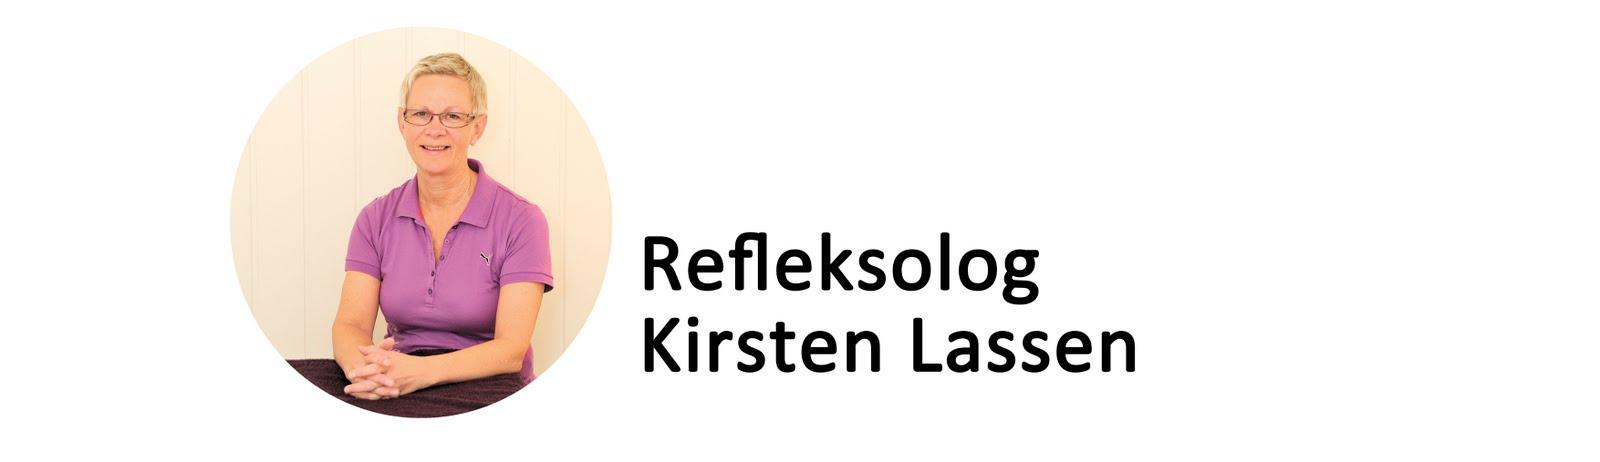 Kirsten Lassen